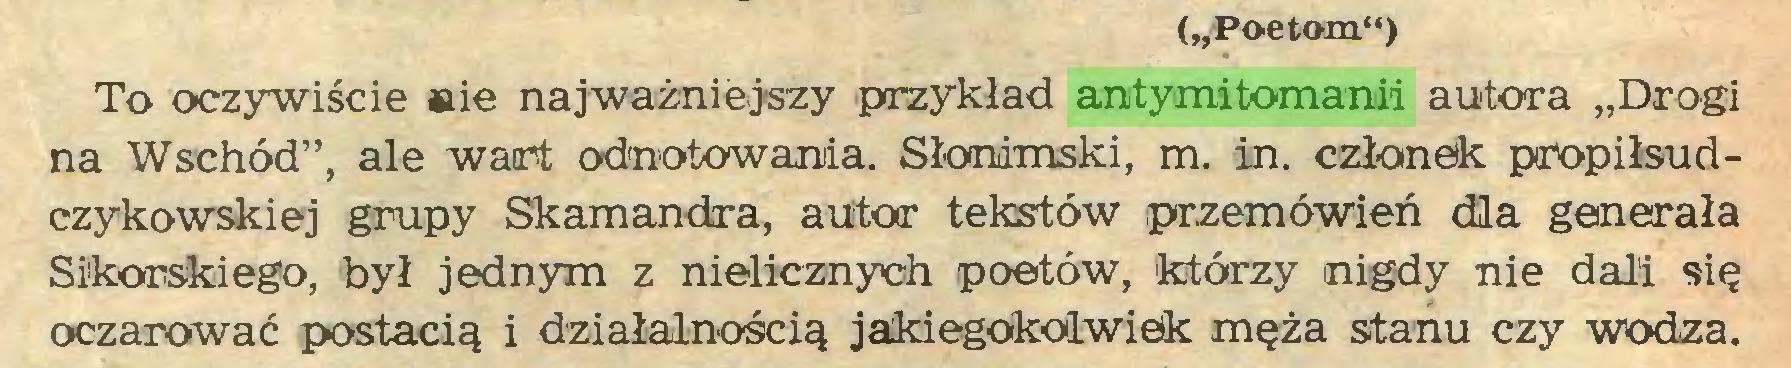 """(...) (""""Poetom"""") To oczywiście »ie najważniejszy przykład antymitomanii autora """"Drogi na Wschód"""", ale wart odnotowania. Słonimski, m. in. członek pnopiłsudczykowskiej grupy Skamandra, autor tekstów przemówień dla generała Sikorskiego, był jednym z nielicznych poetów, 'którzy nigdy nie dali się oczarować postacią i działalnością jakiegokolwiek męża stanu czy wodza..."""